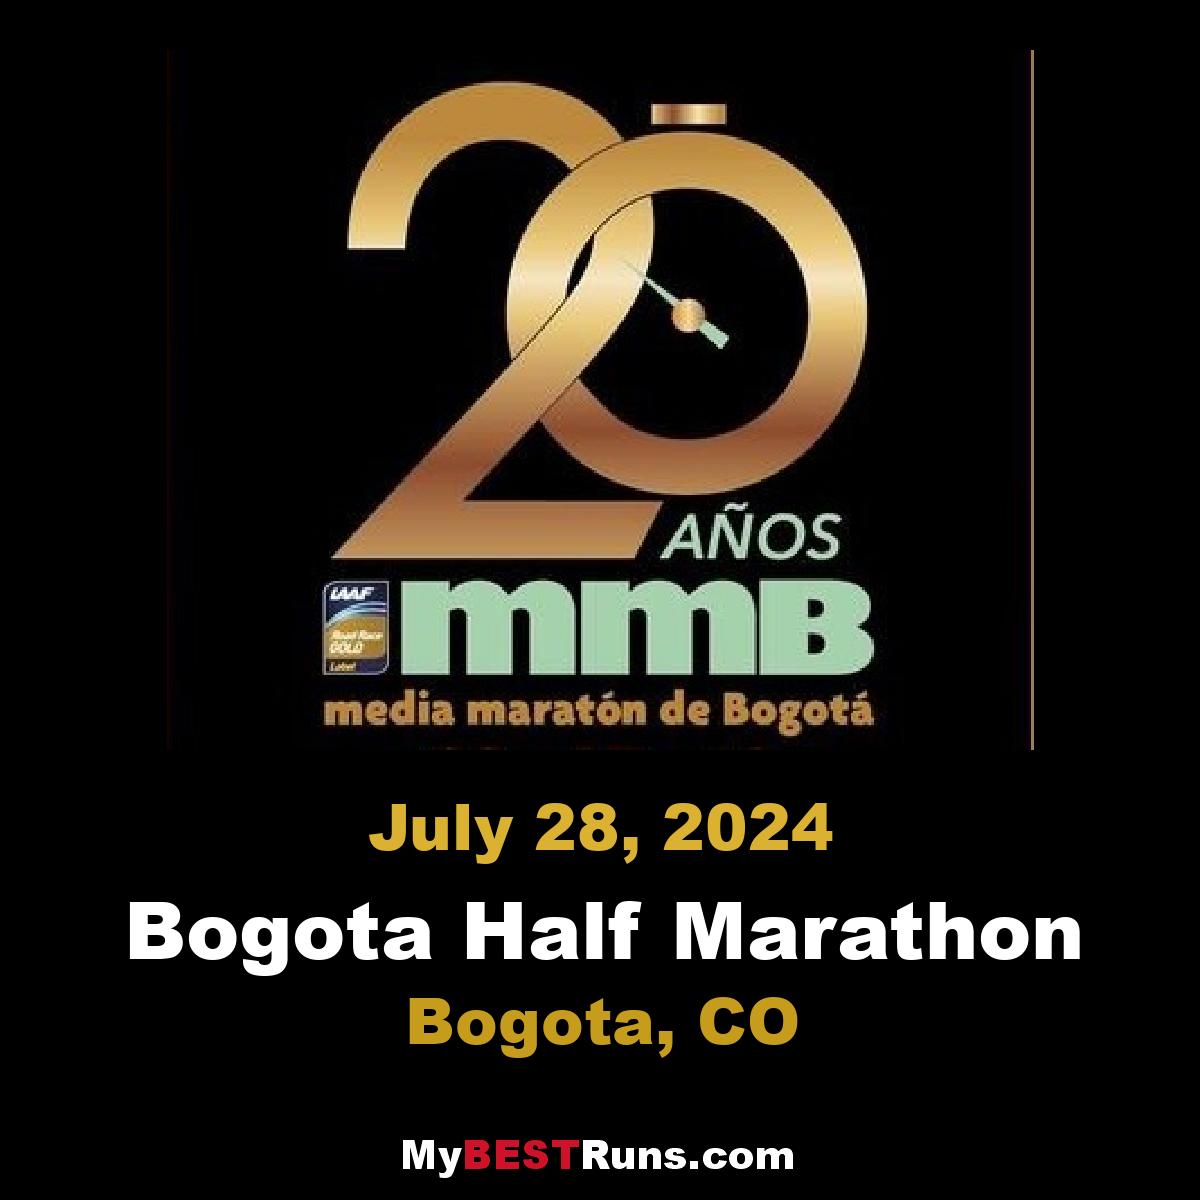 Bogota Half Marathon